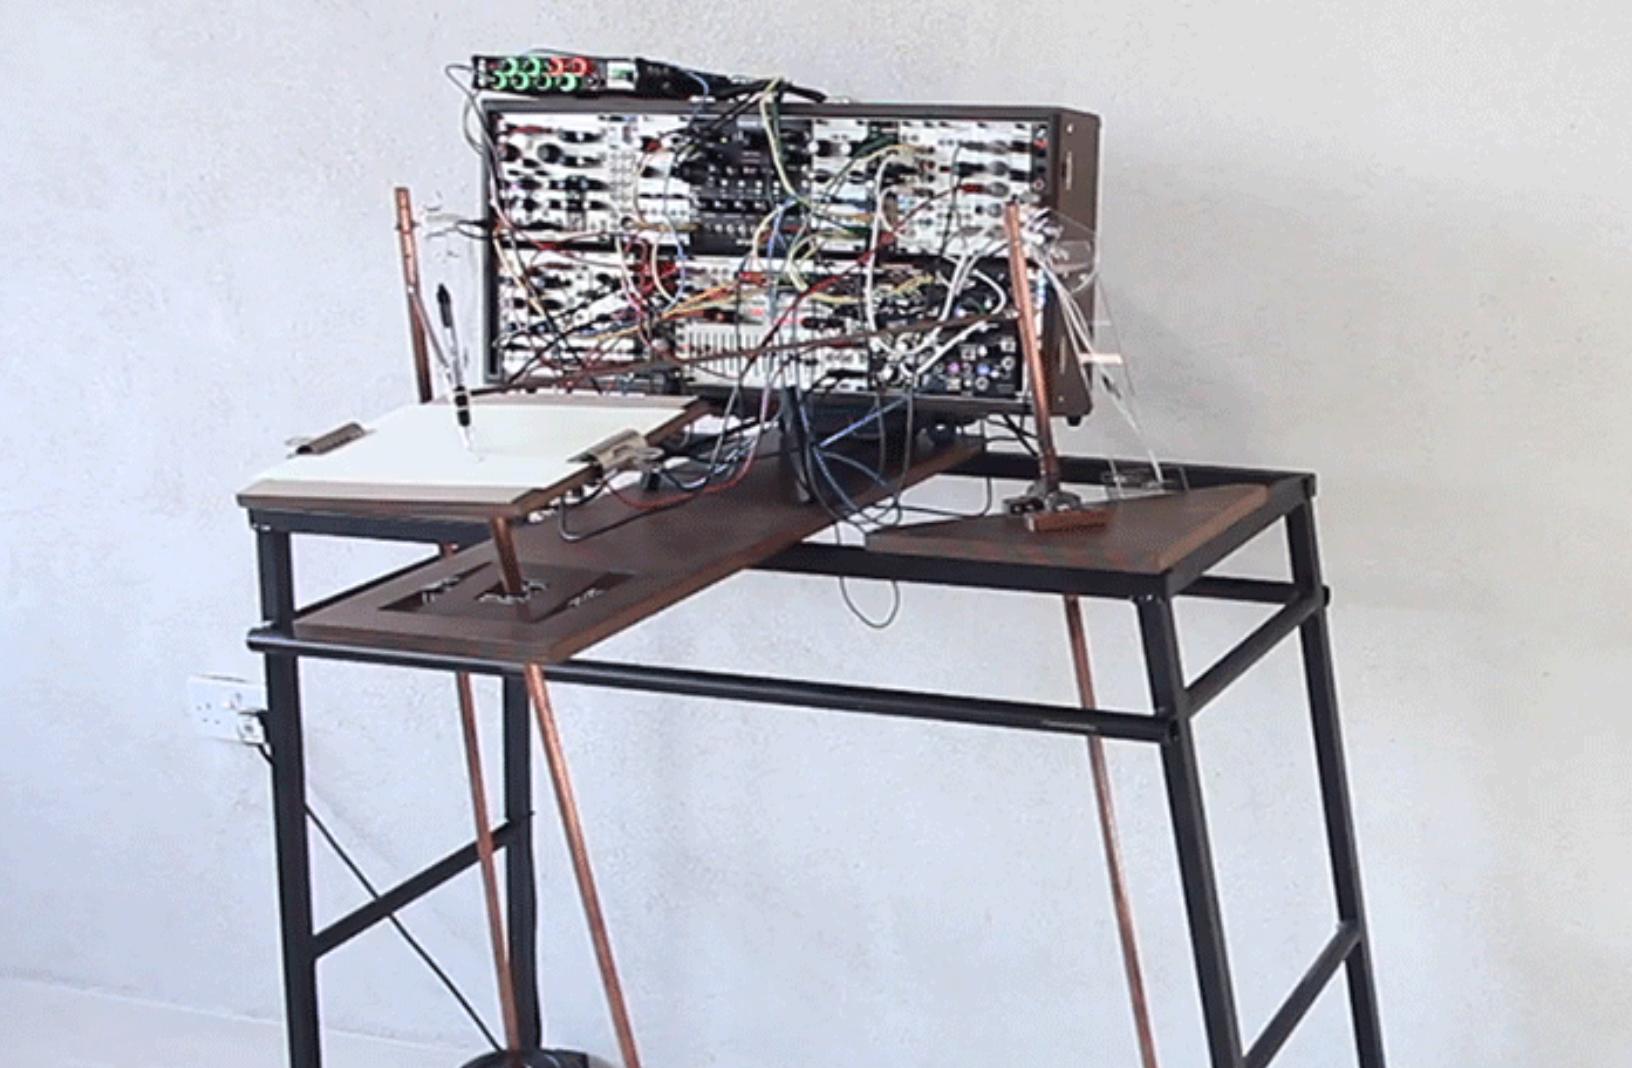 Esta máquina dibuja al ritmo de la música que reproduce